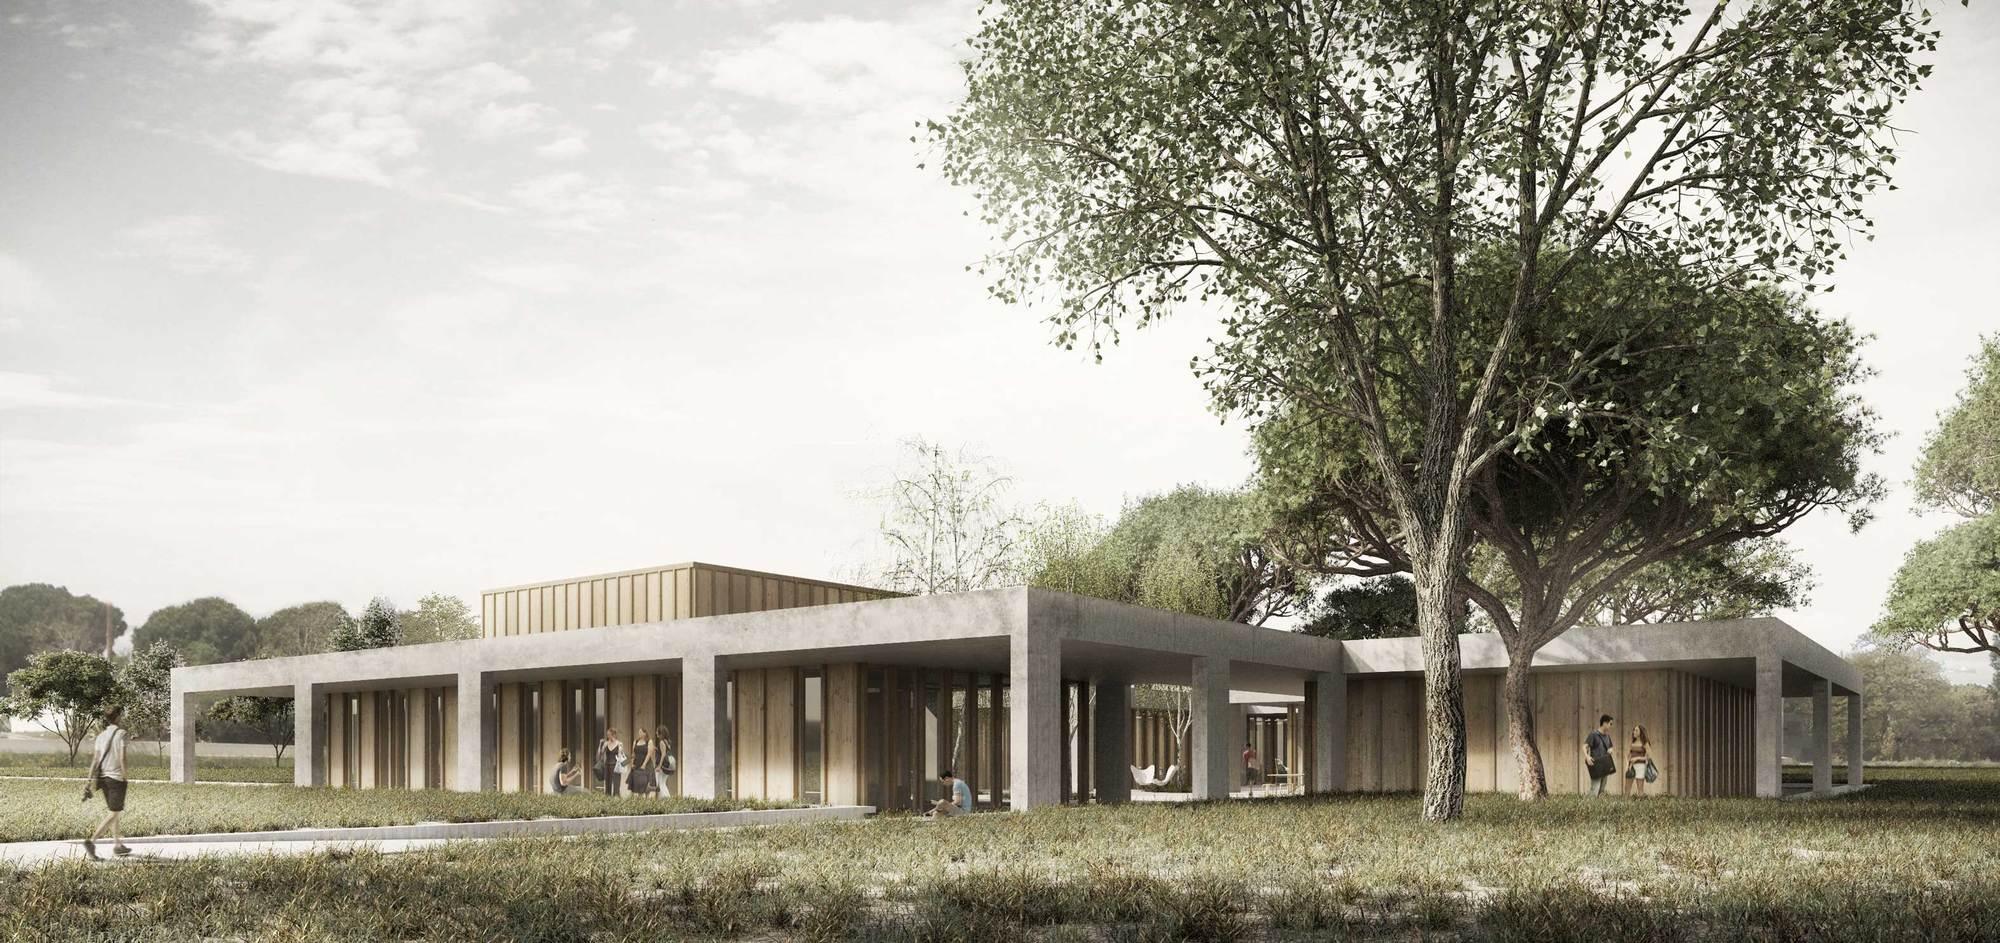 Baas synopsys segundo lugar en concurso de vivero for Empresas de arquitectura